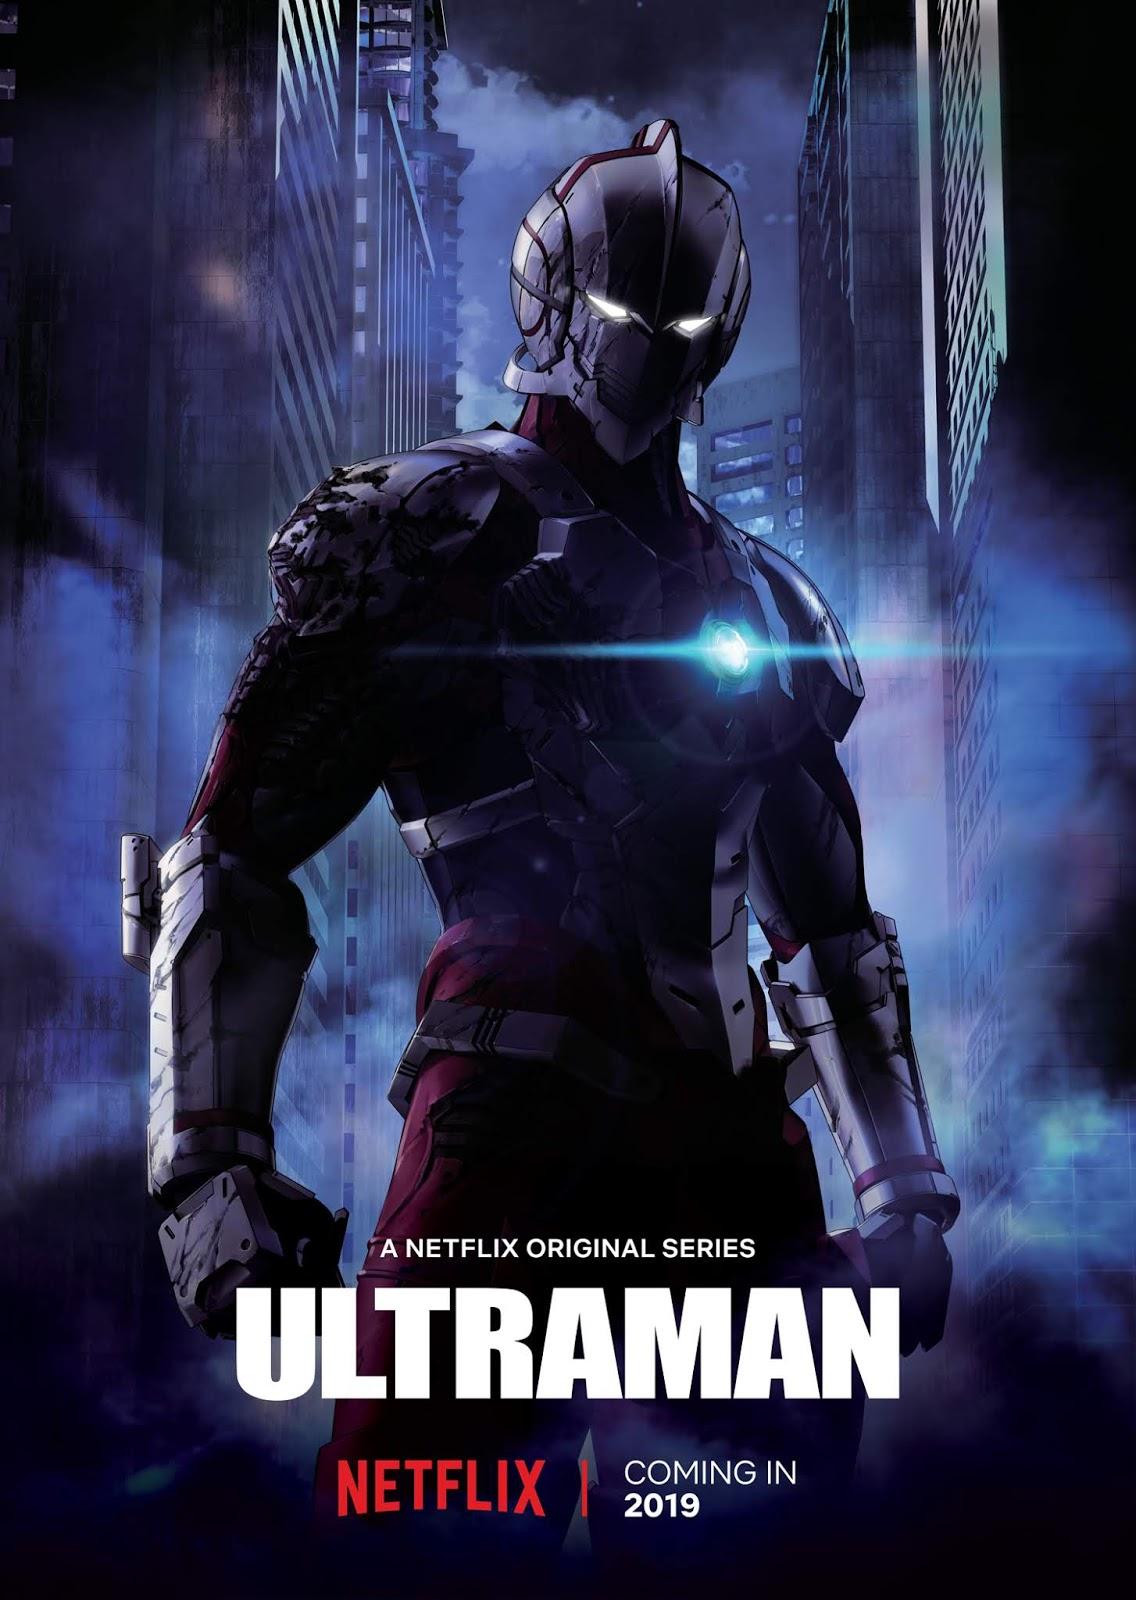 ULTRAMAN_Vertical-Teaser_PRE_US.jpg